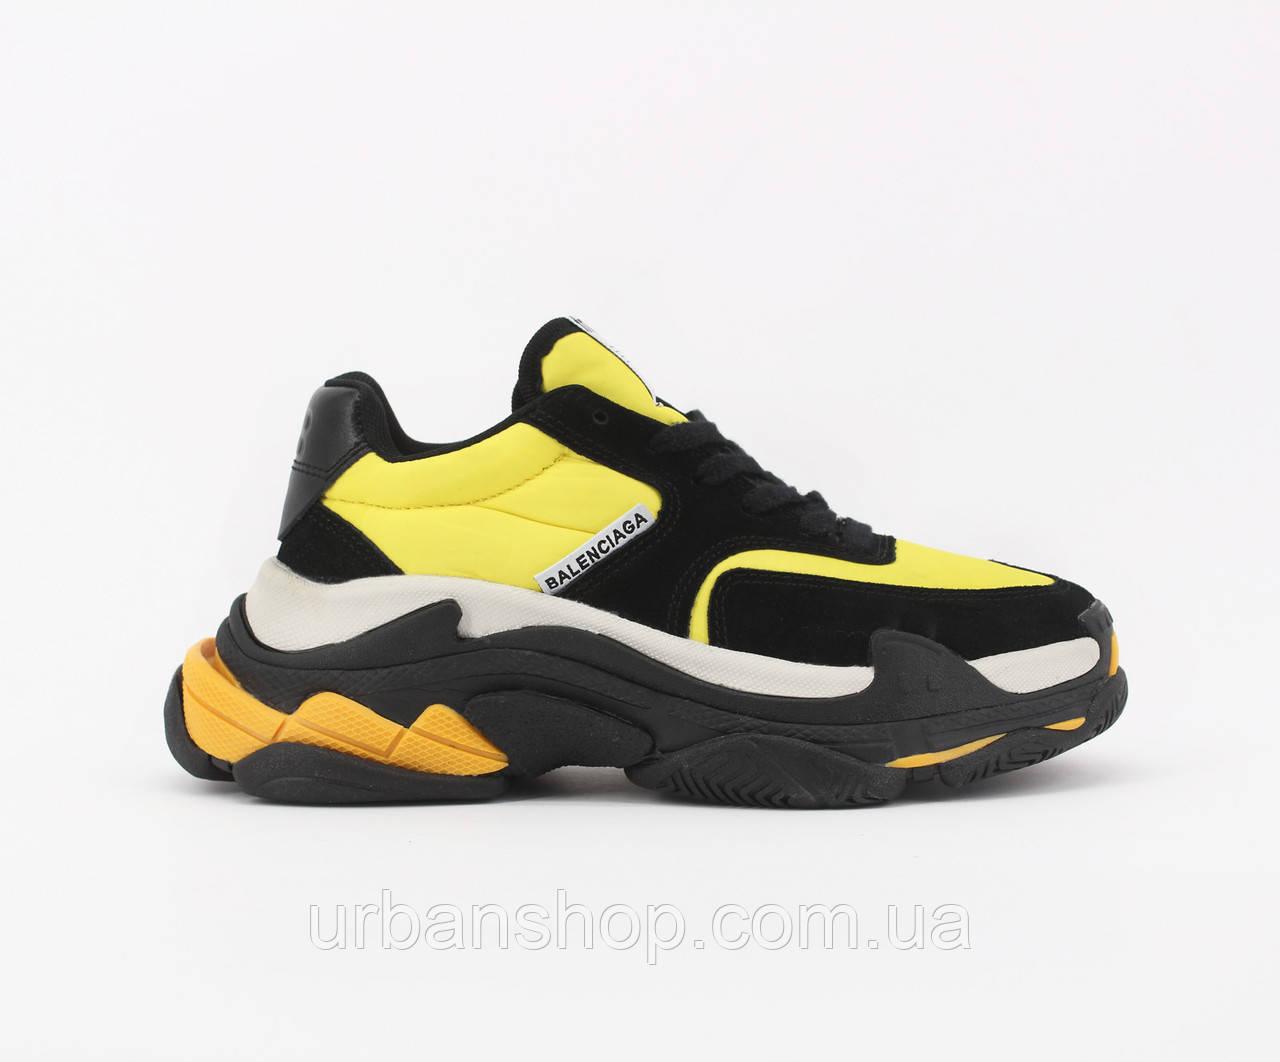 Взуття Balenciaga Triple S 2.0 Yellow Black 36